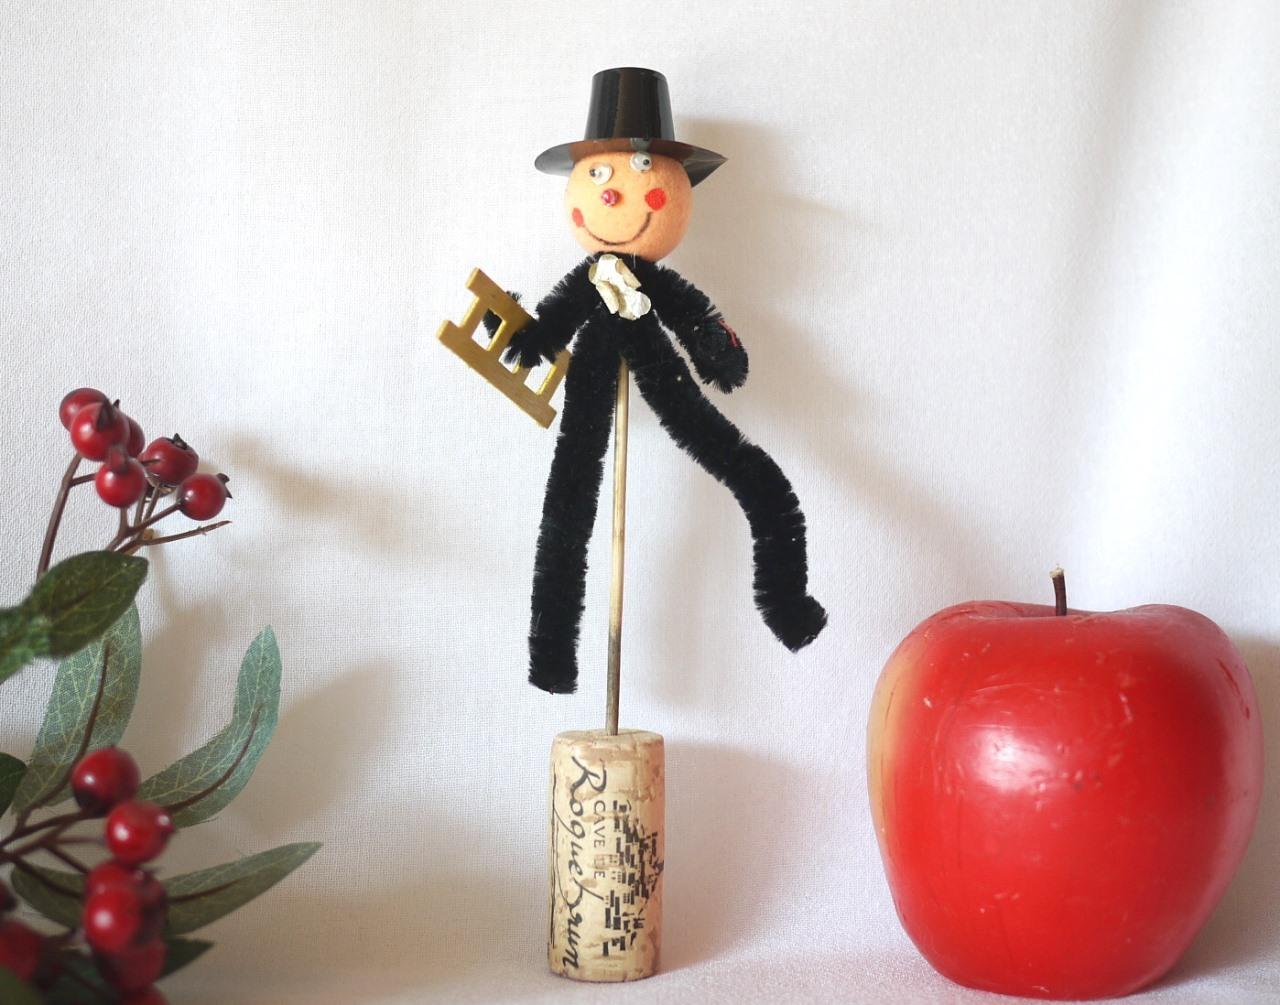 モール人形 梯子をかかえた煙突掃除屋さん ピック